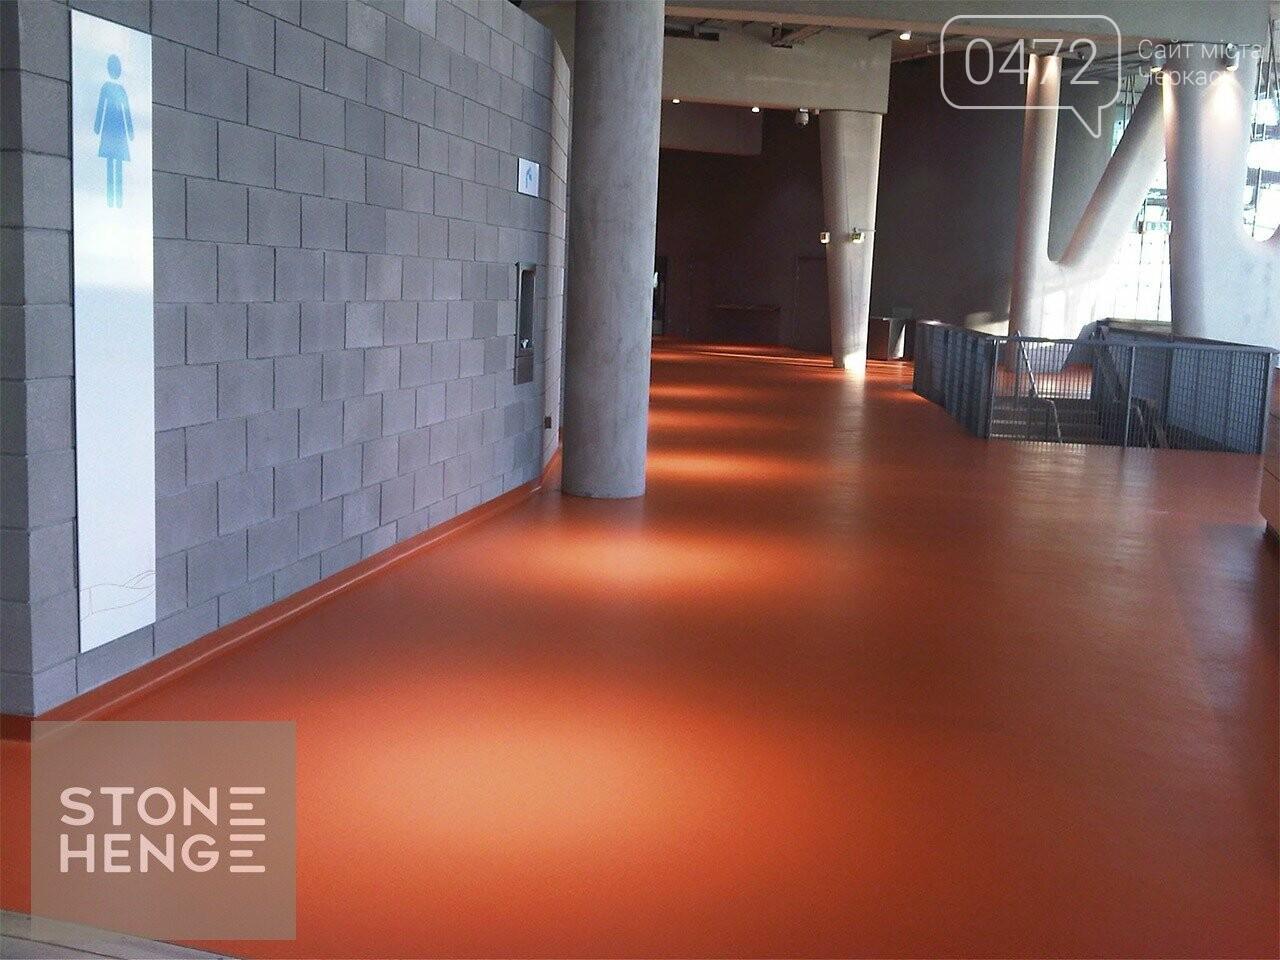 Довговічні полімерні наливні підлоги у м. Черкасах. Гарантія якості! Приємні ціни, фото-1